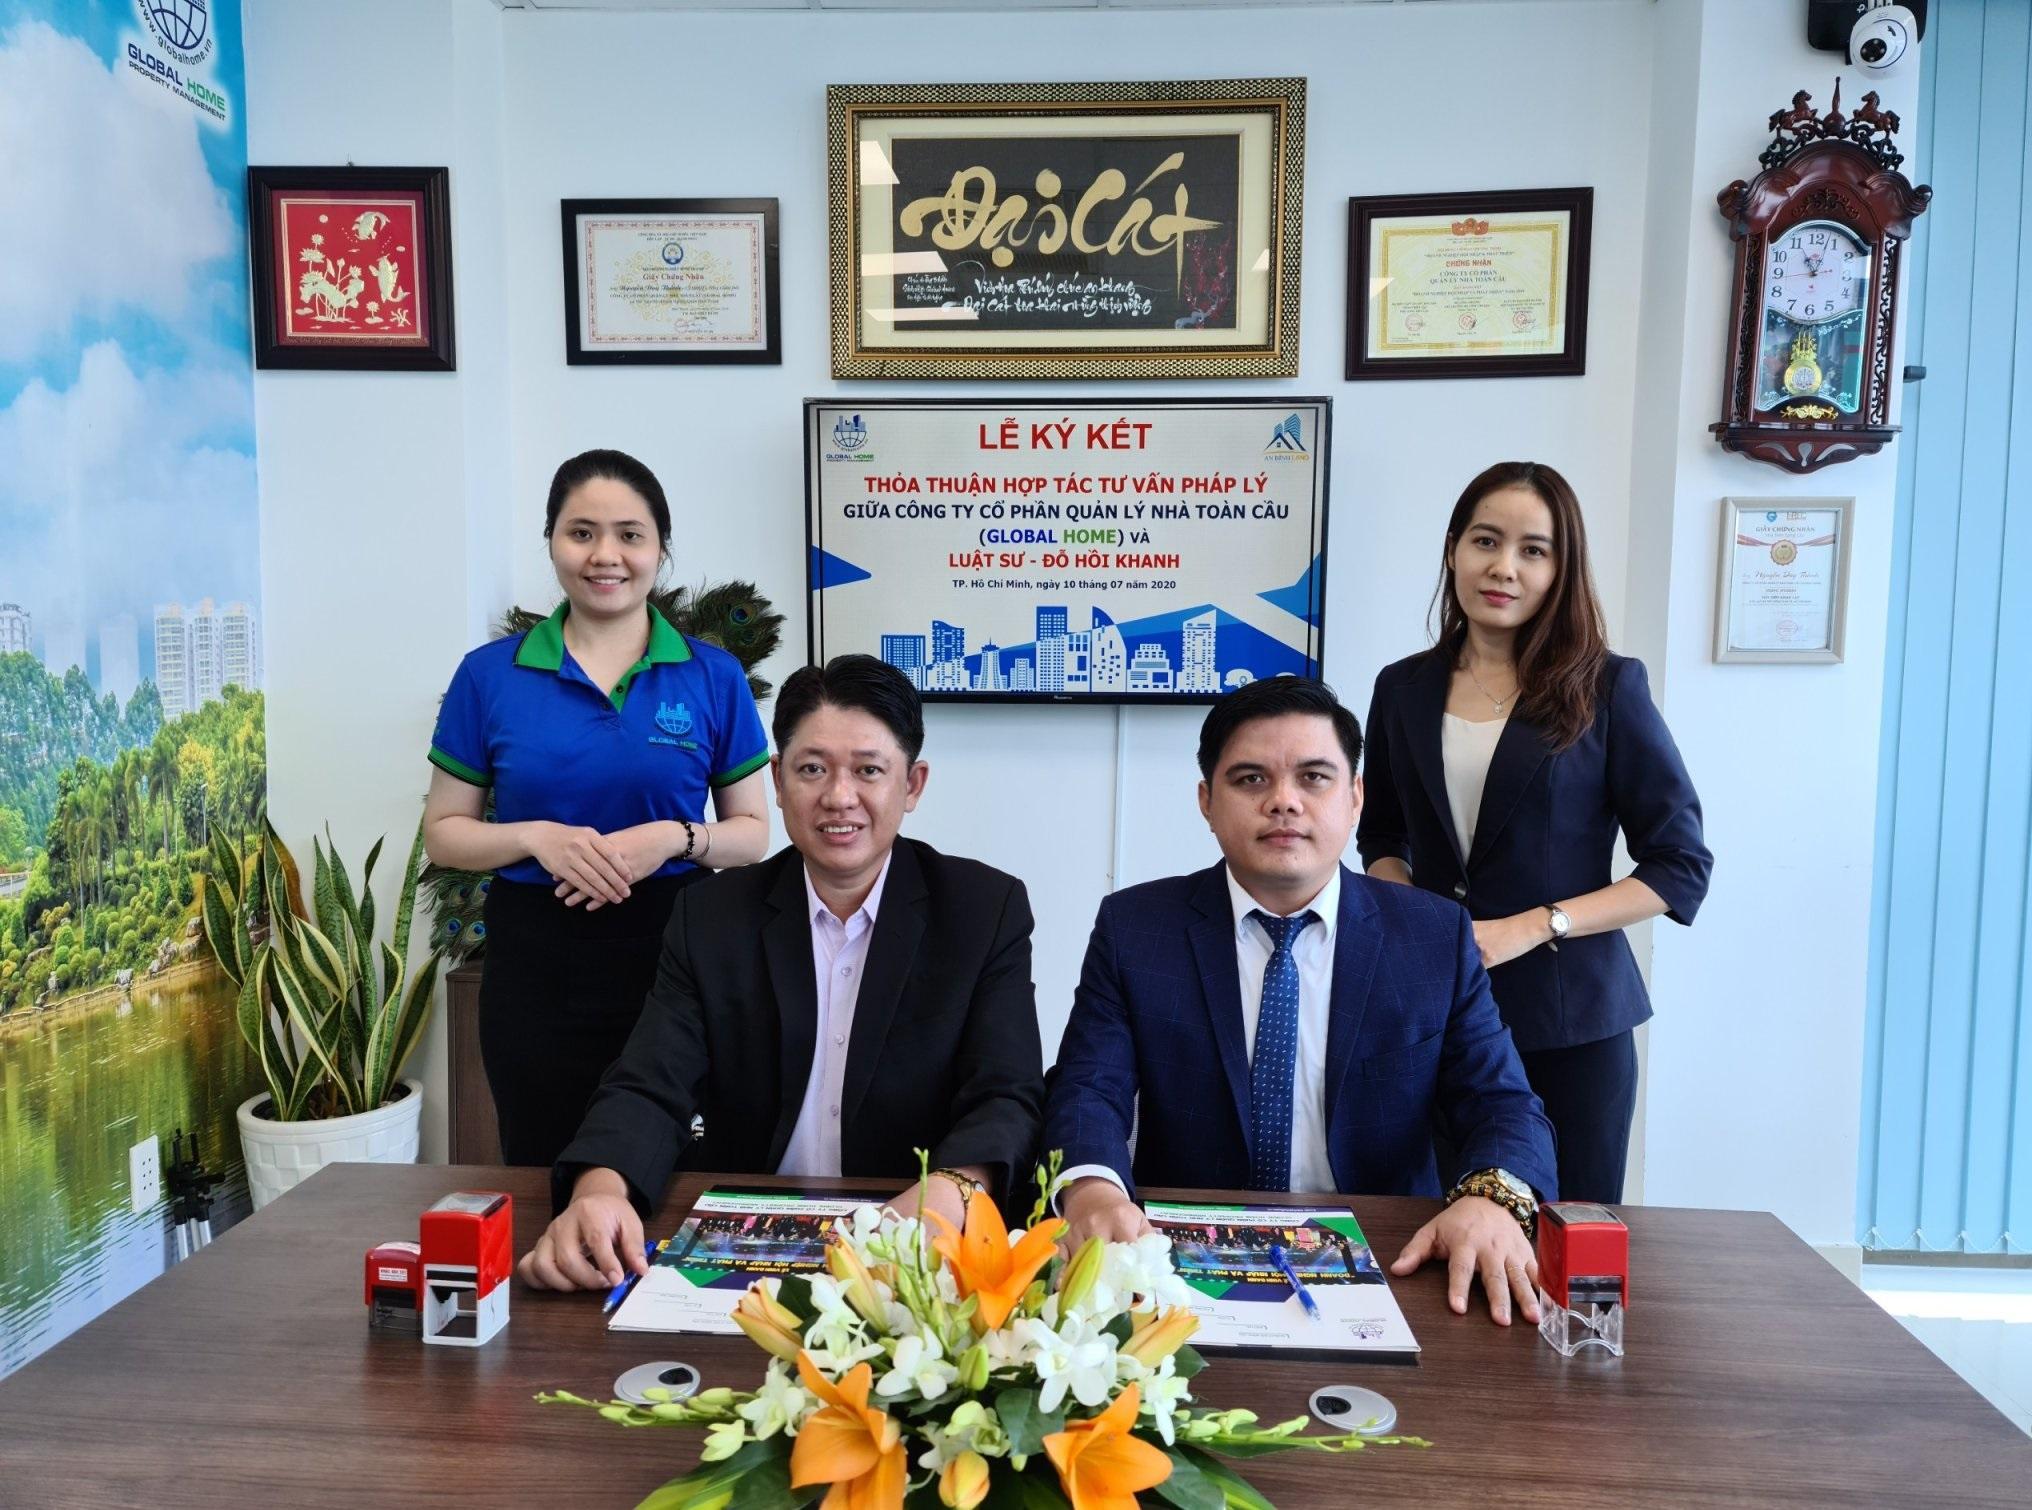 Công ty Quản Lý Global Home ký kết thỏa thuận hợp tác tư vấn pháp lý với Luật sư Đỗ Hồi Khanh 1